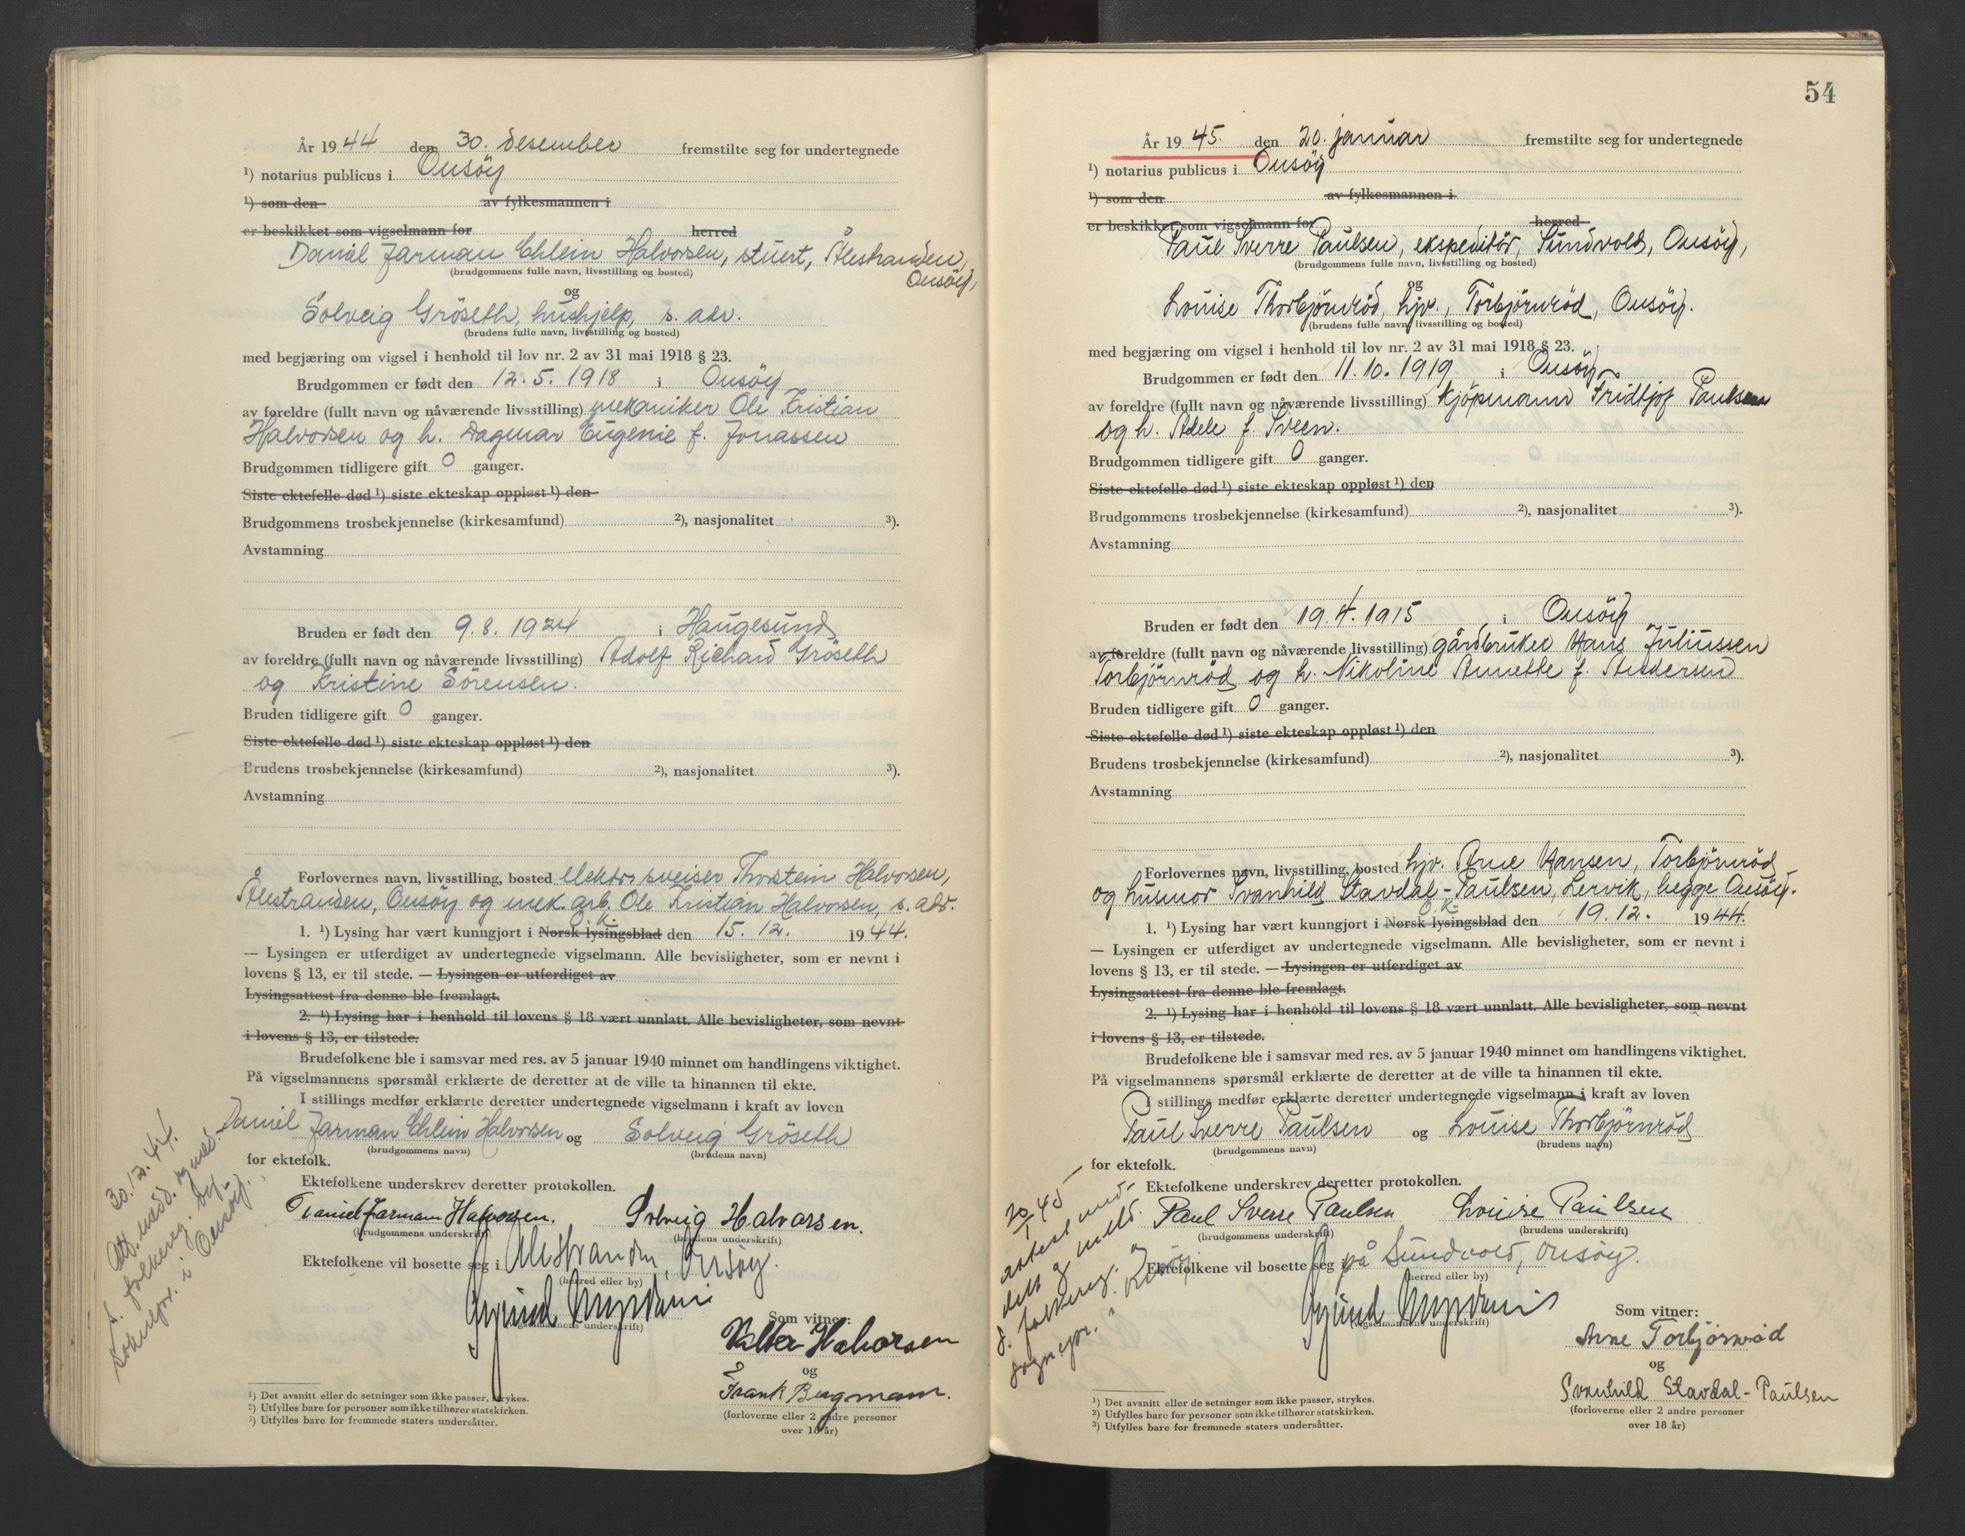 SAO, Onsøy sorenskriveri, L/La/L0005: Vigselsbok, 1944-1946, s. 54